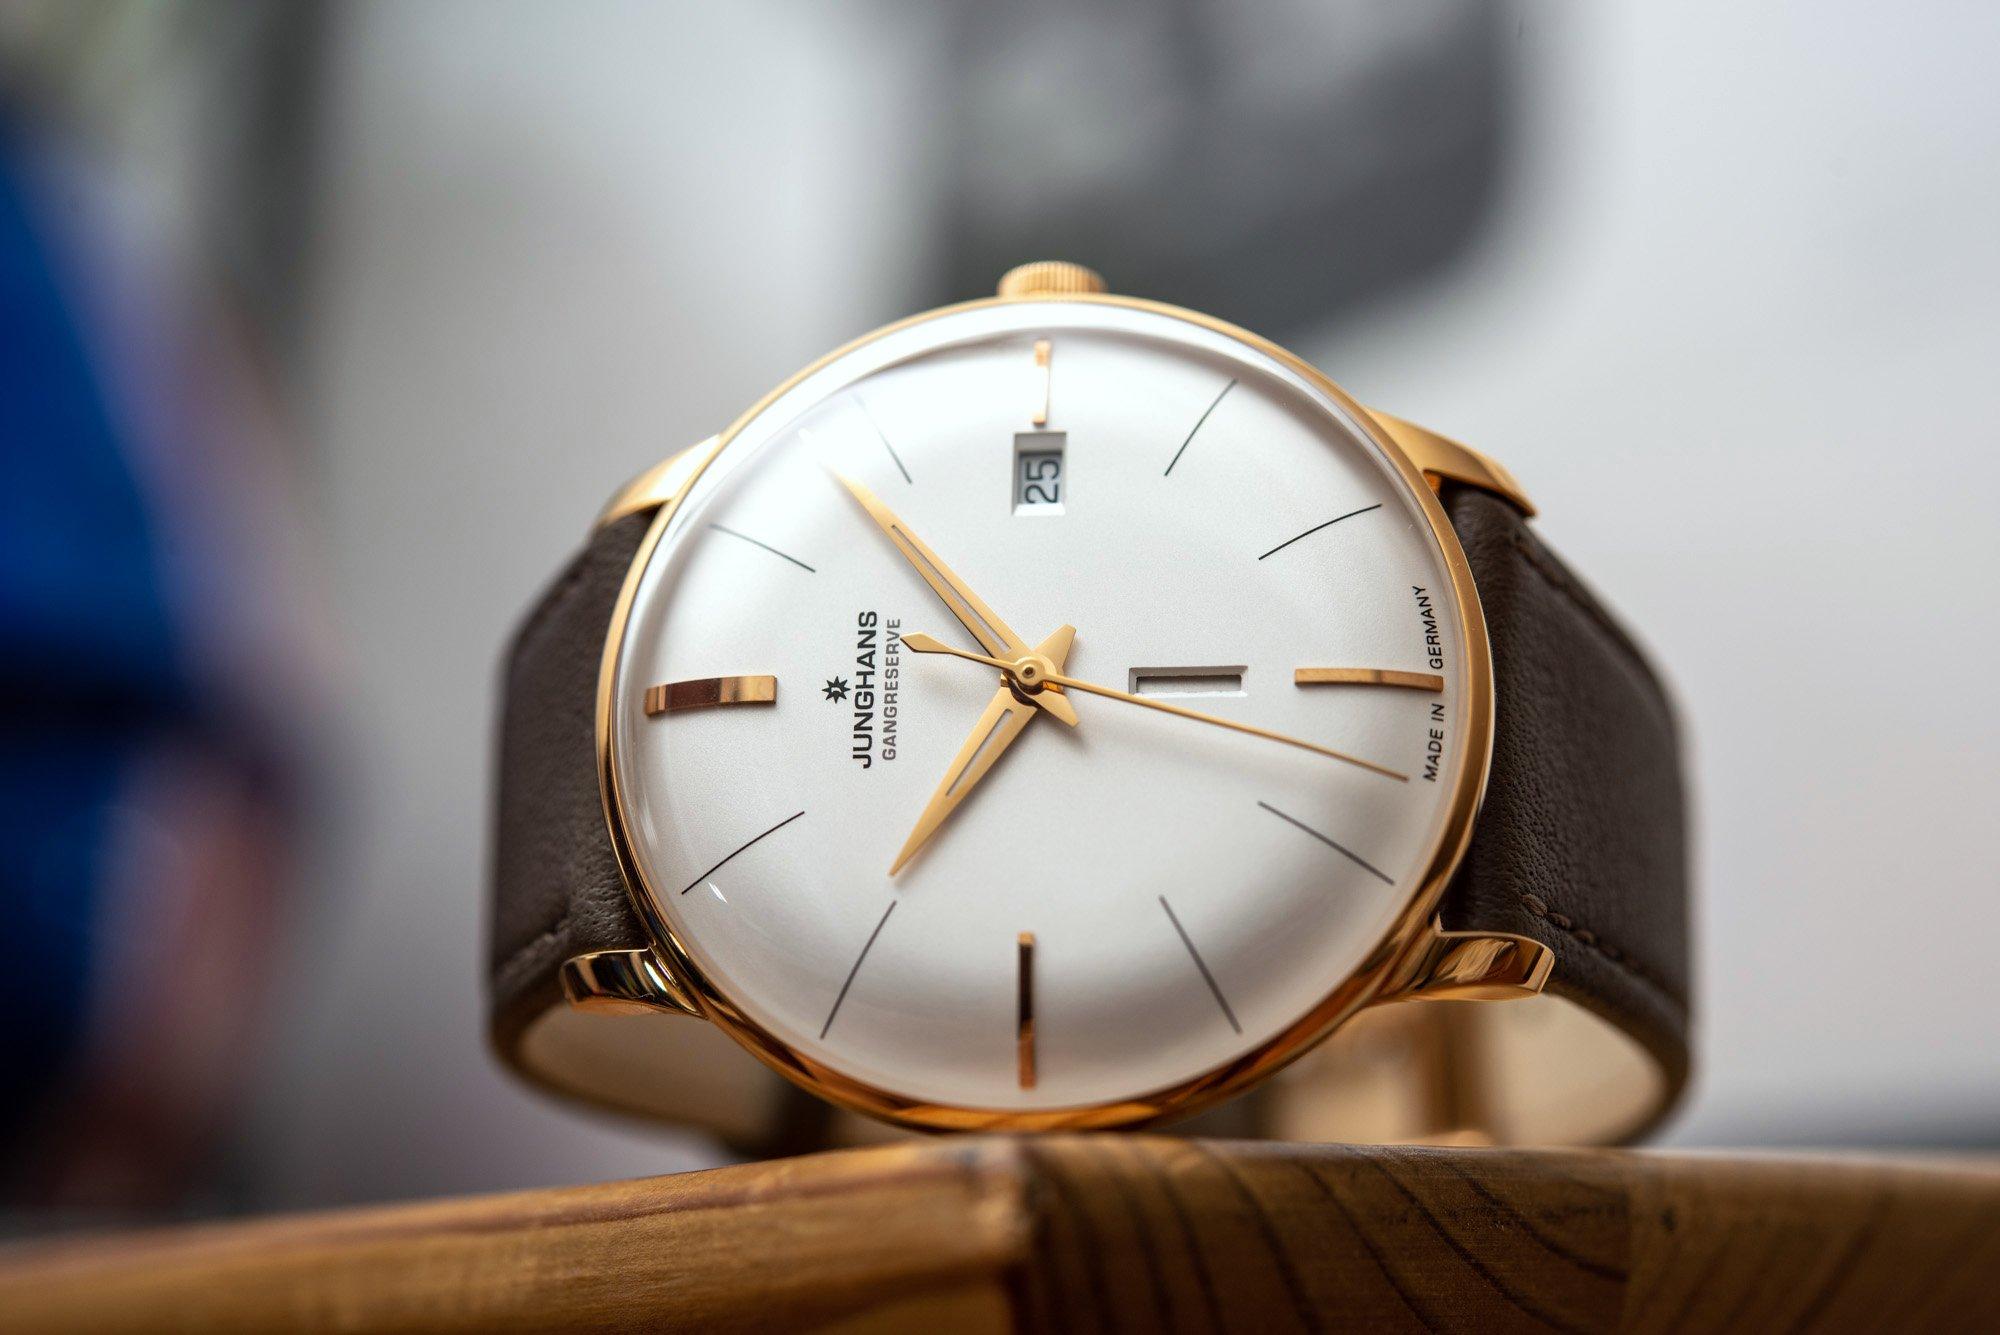 Junghans отмечает 160-летие выпуском часов Meister Gangreserve Edition 160